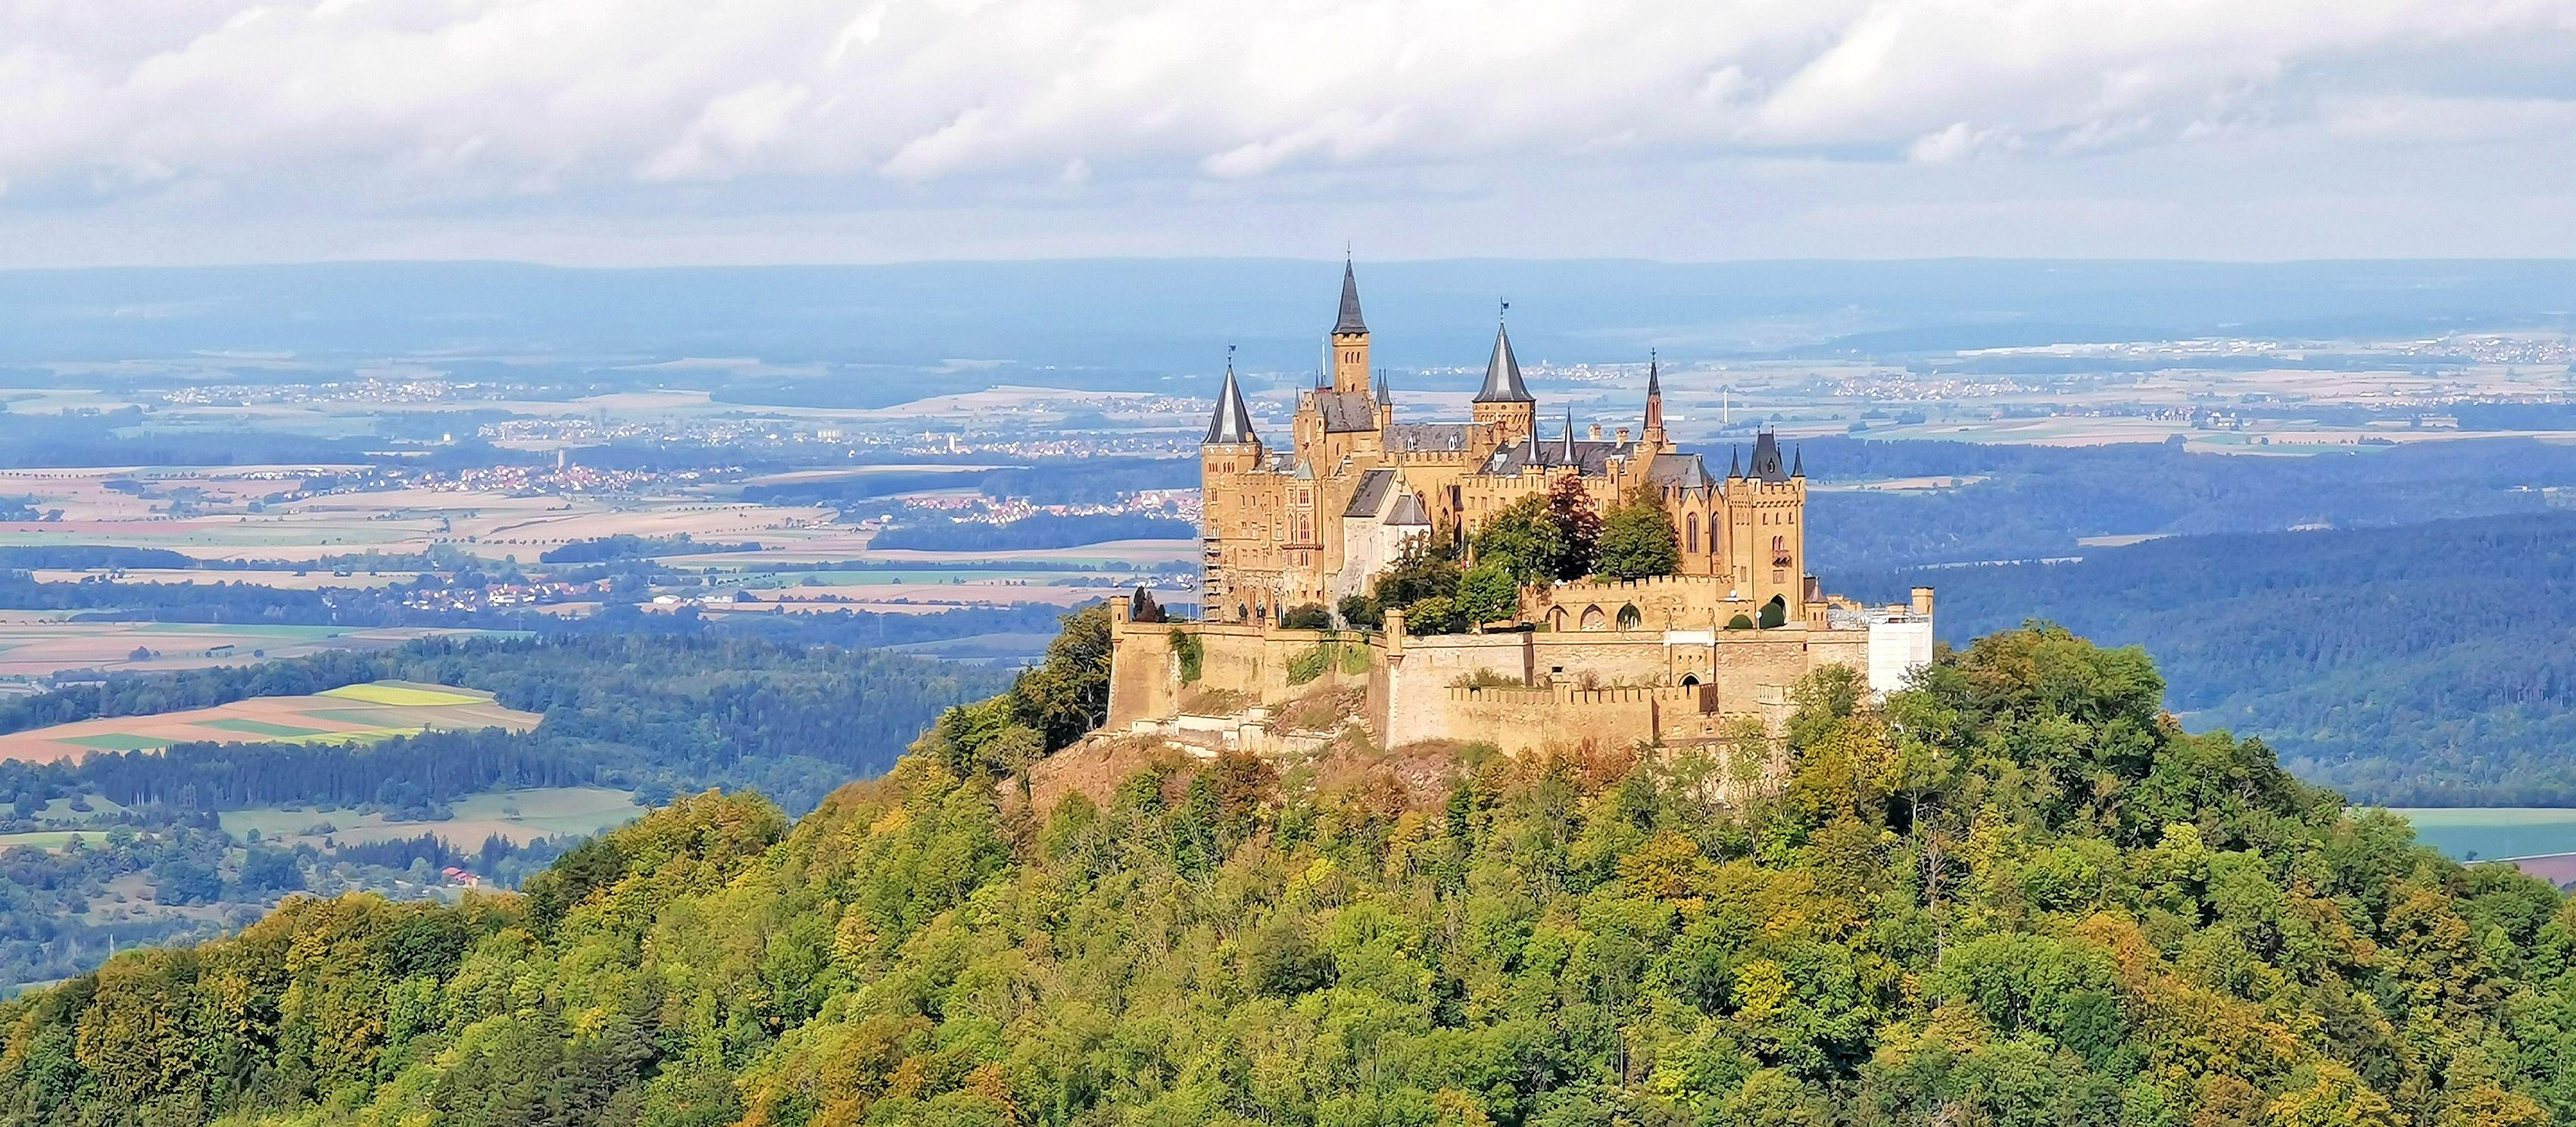 Blick auf die Burg Hohenzollern in Baden-Württemberg